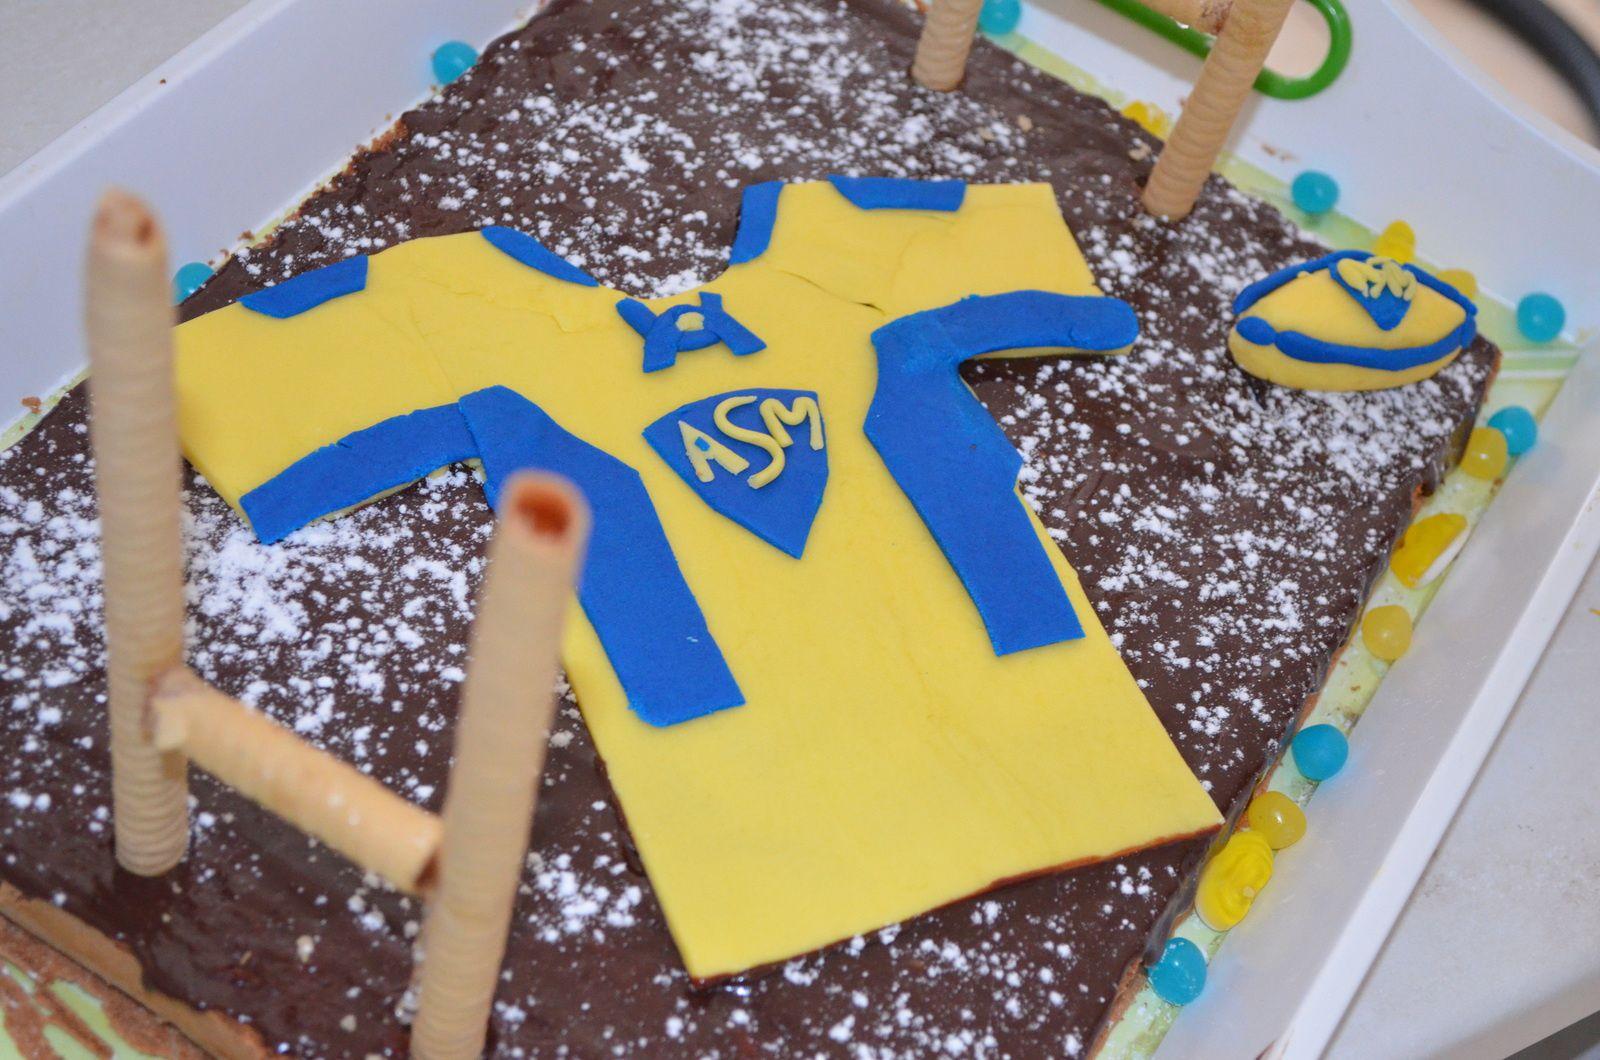 Gâteau Danniversaire Esprit Asm Rugby Myl Et Une Idées Créatives